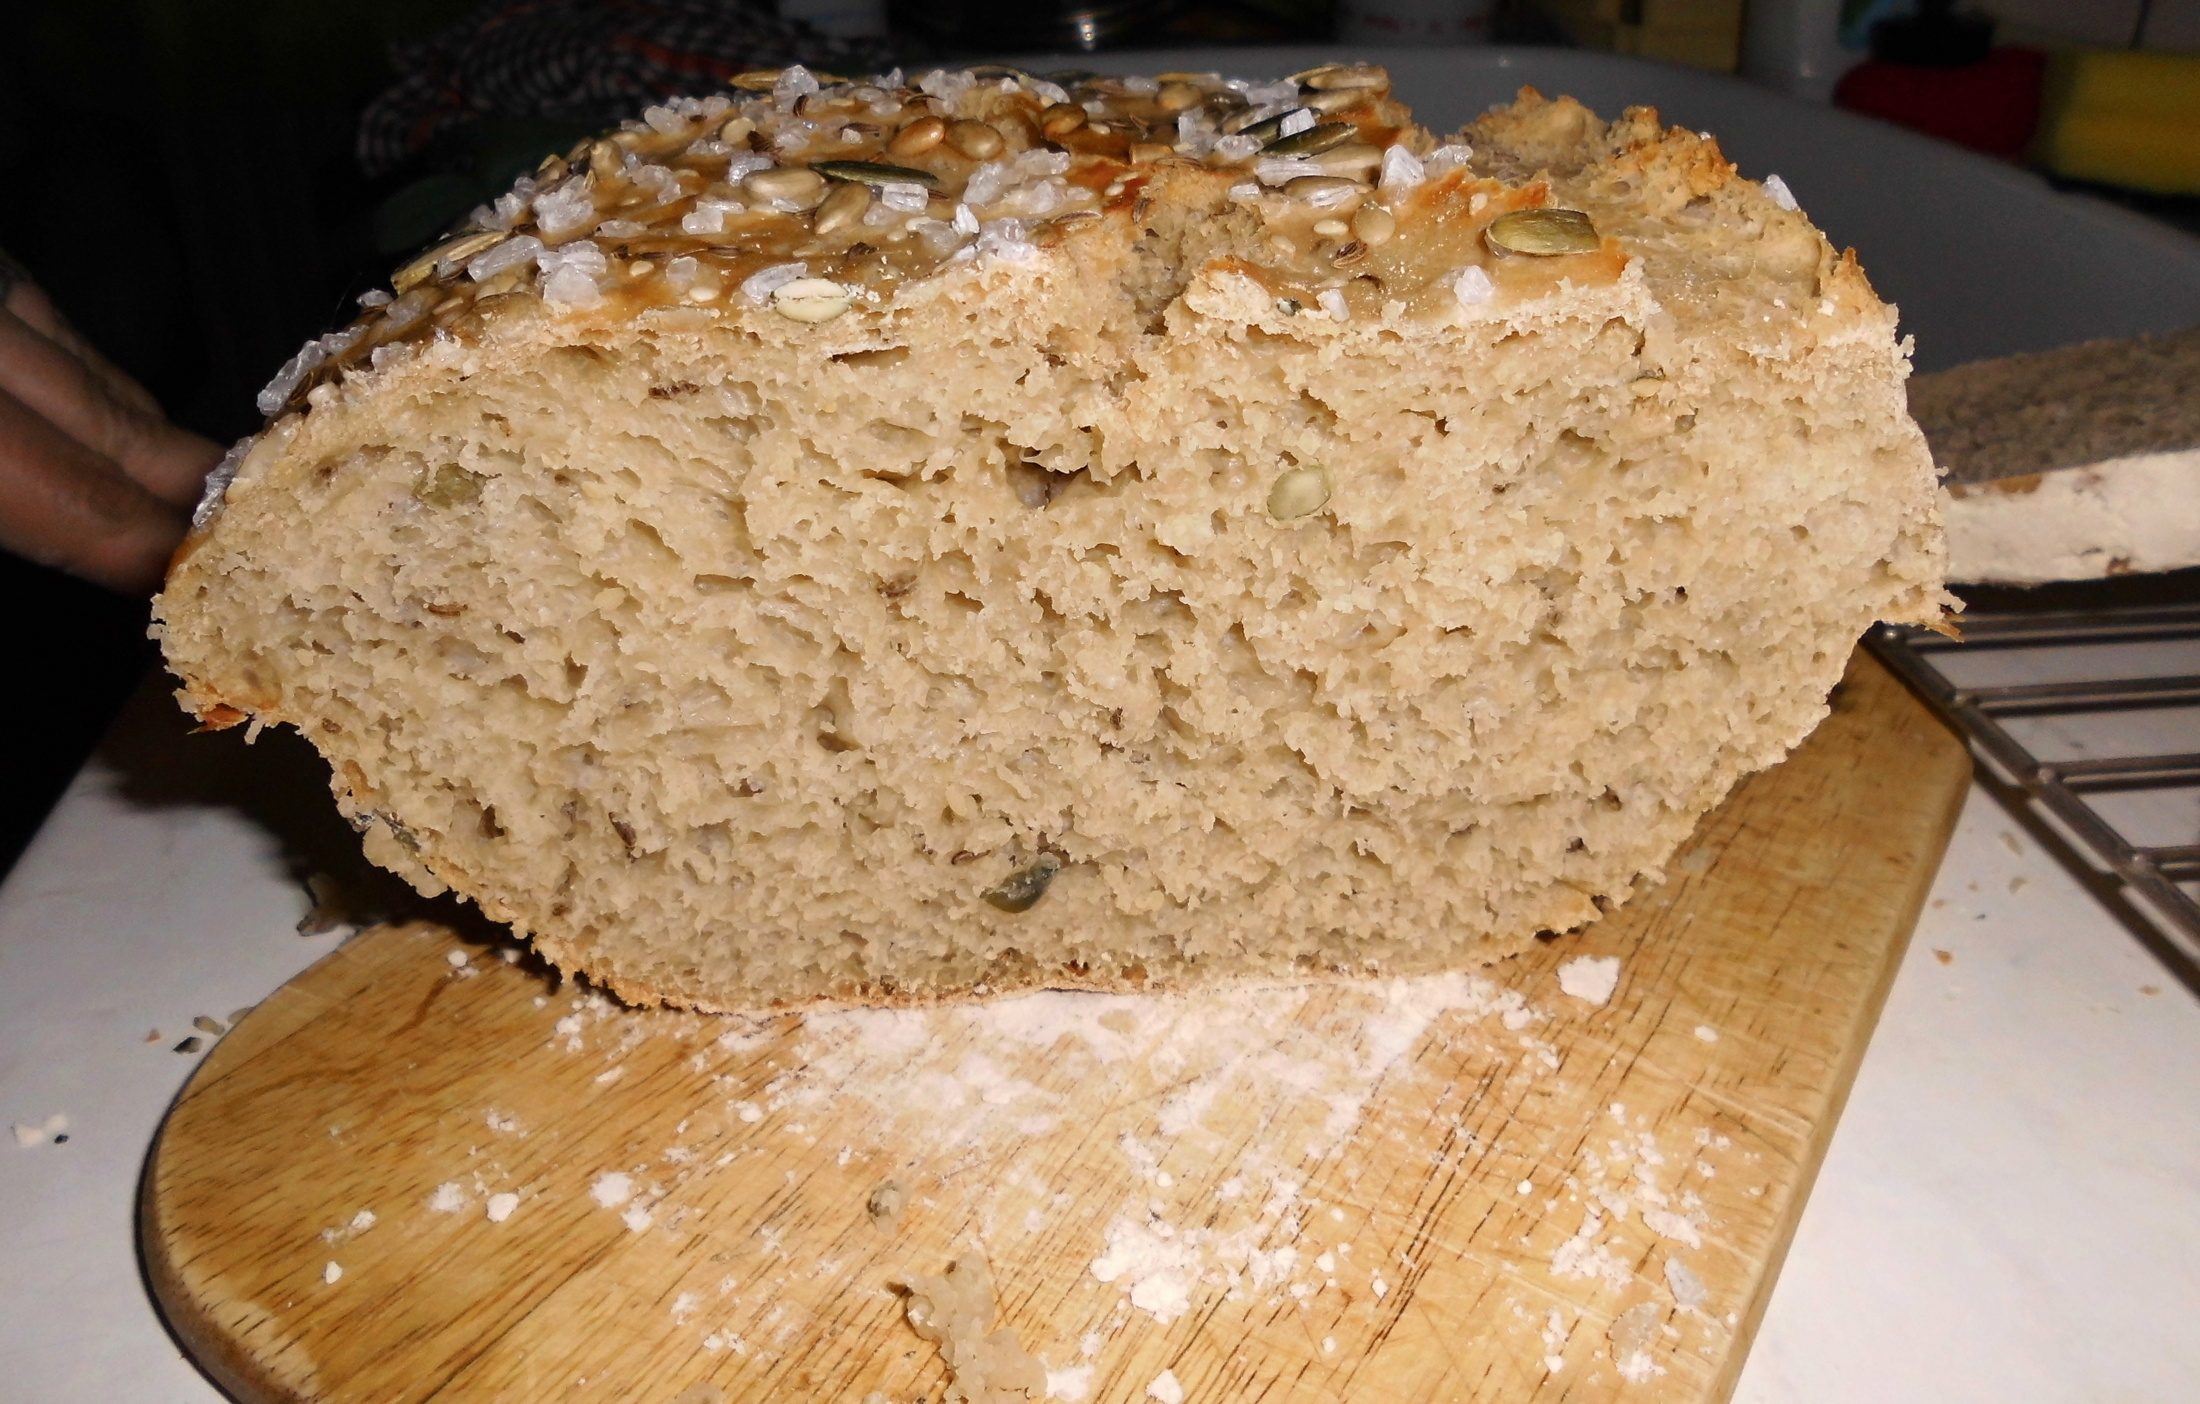 Recept Kájin chleba - Na řezu jsou vidět semínka